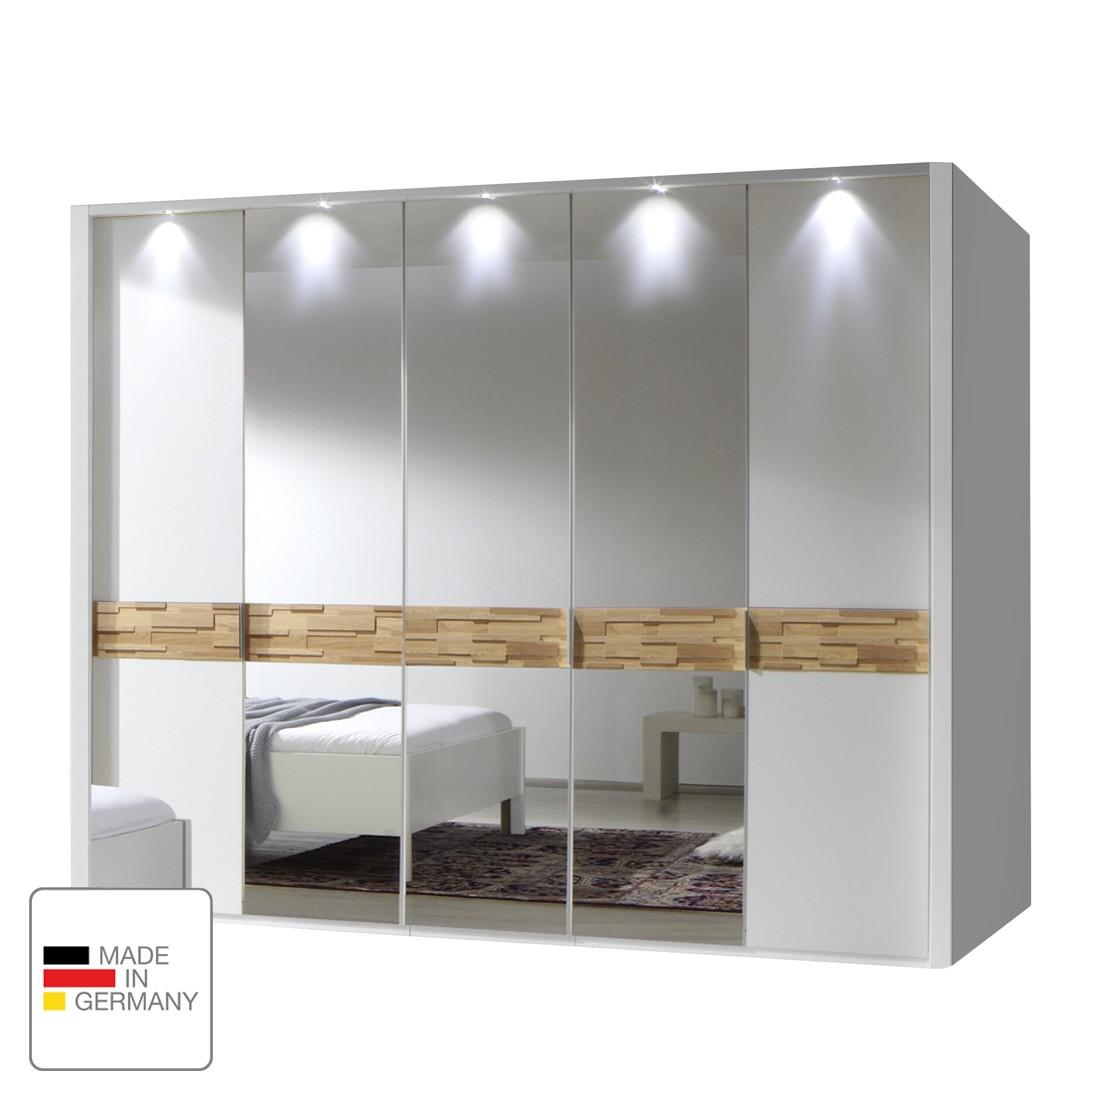 Drehtürenschrank Adria II – Alpinweiß/Eiche massiv – 200 cm (4-türig) – 2 Spiegeltüren – Mit beleuchtetem Passepartout, Althoff kaufen